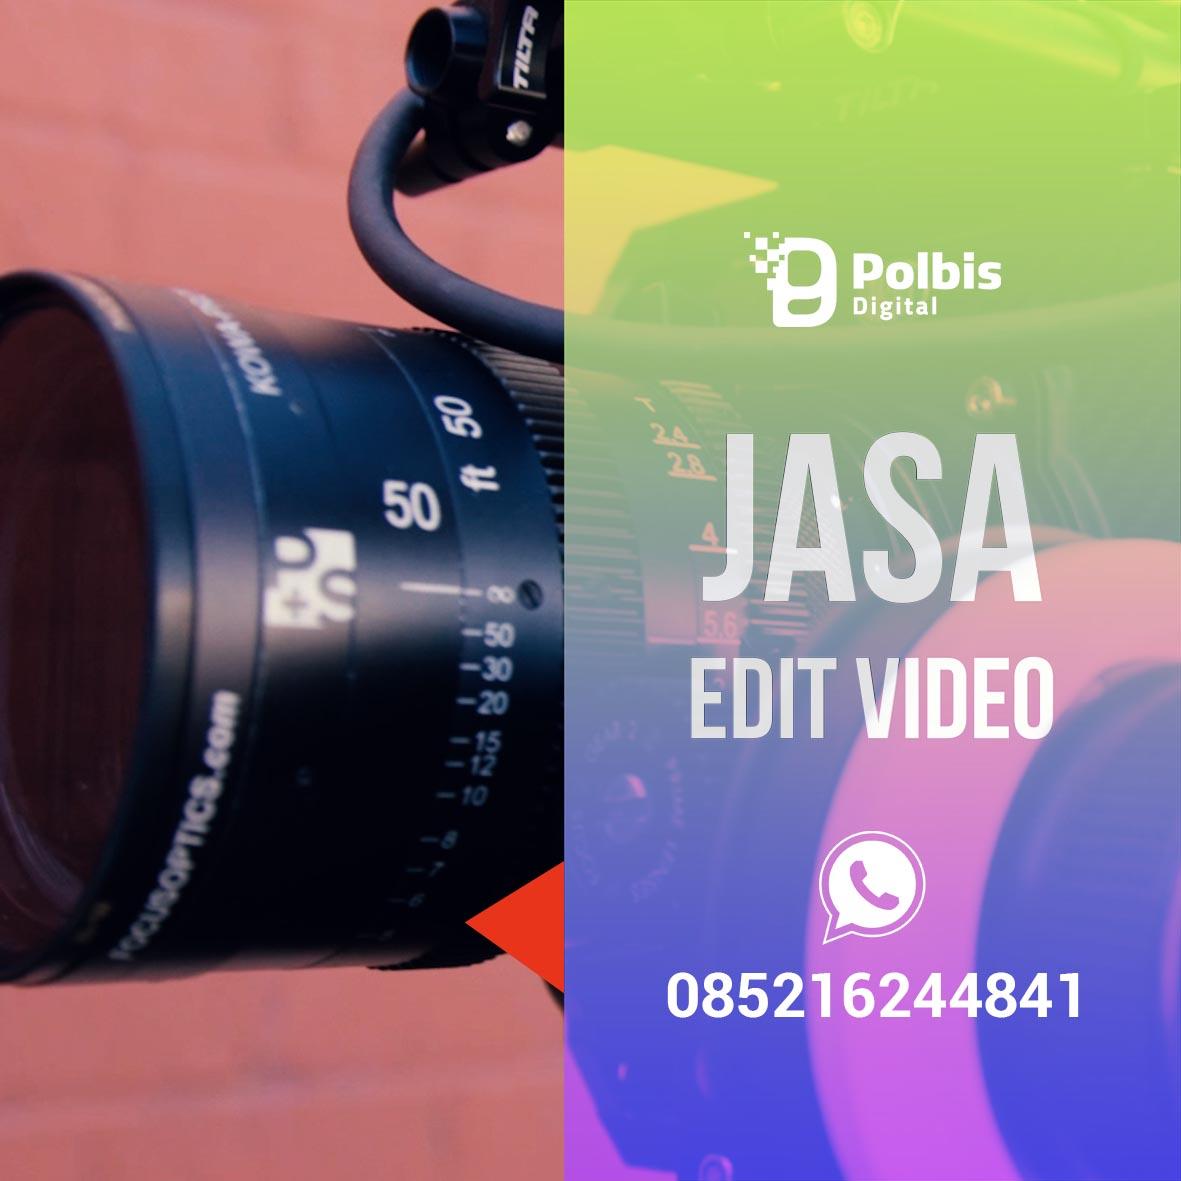 JASA EDIT VIDEO MURAH DAN BERKUALITAS DI KUPANG